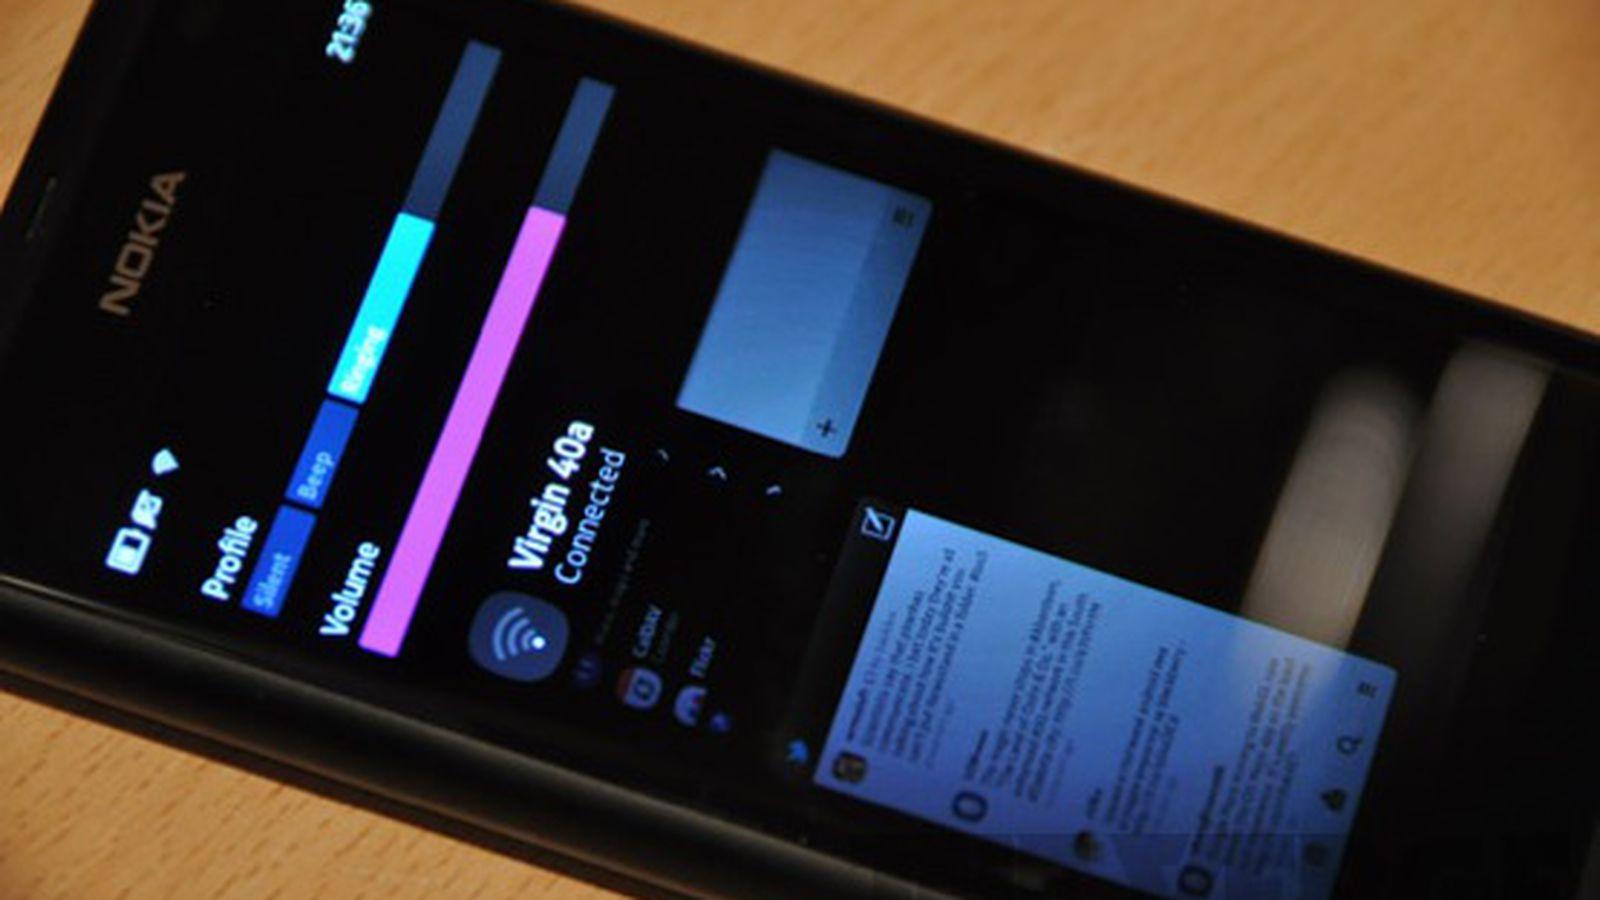 N9 | Nokia - The Verge